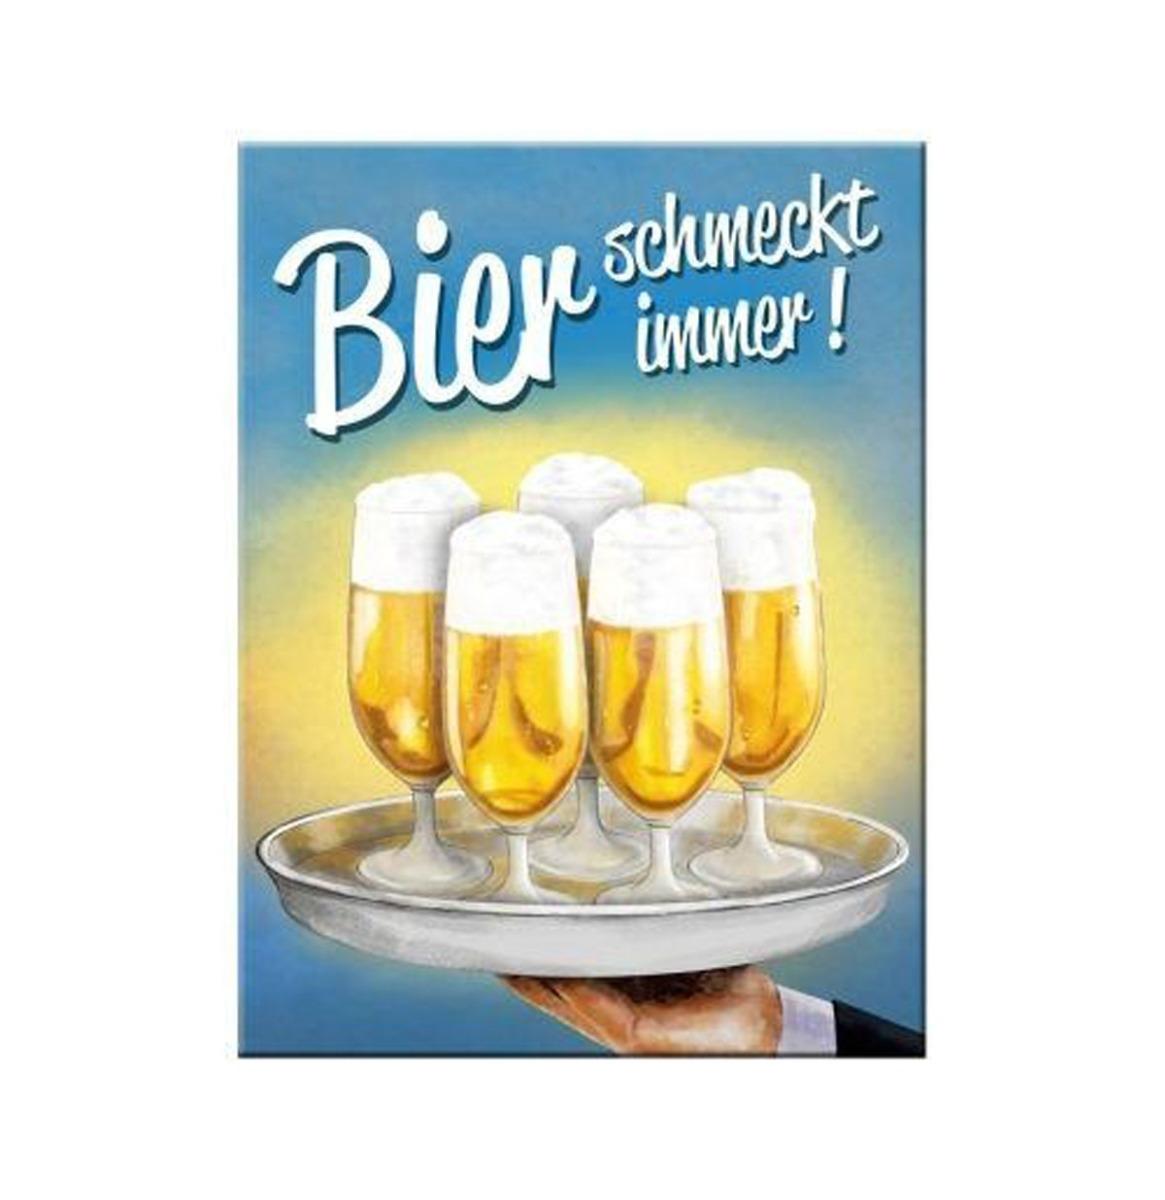 Magneet Bier Schmeckt Immer Tablett